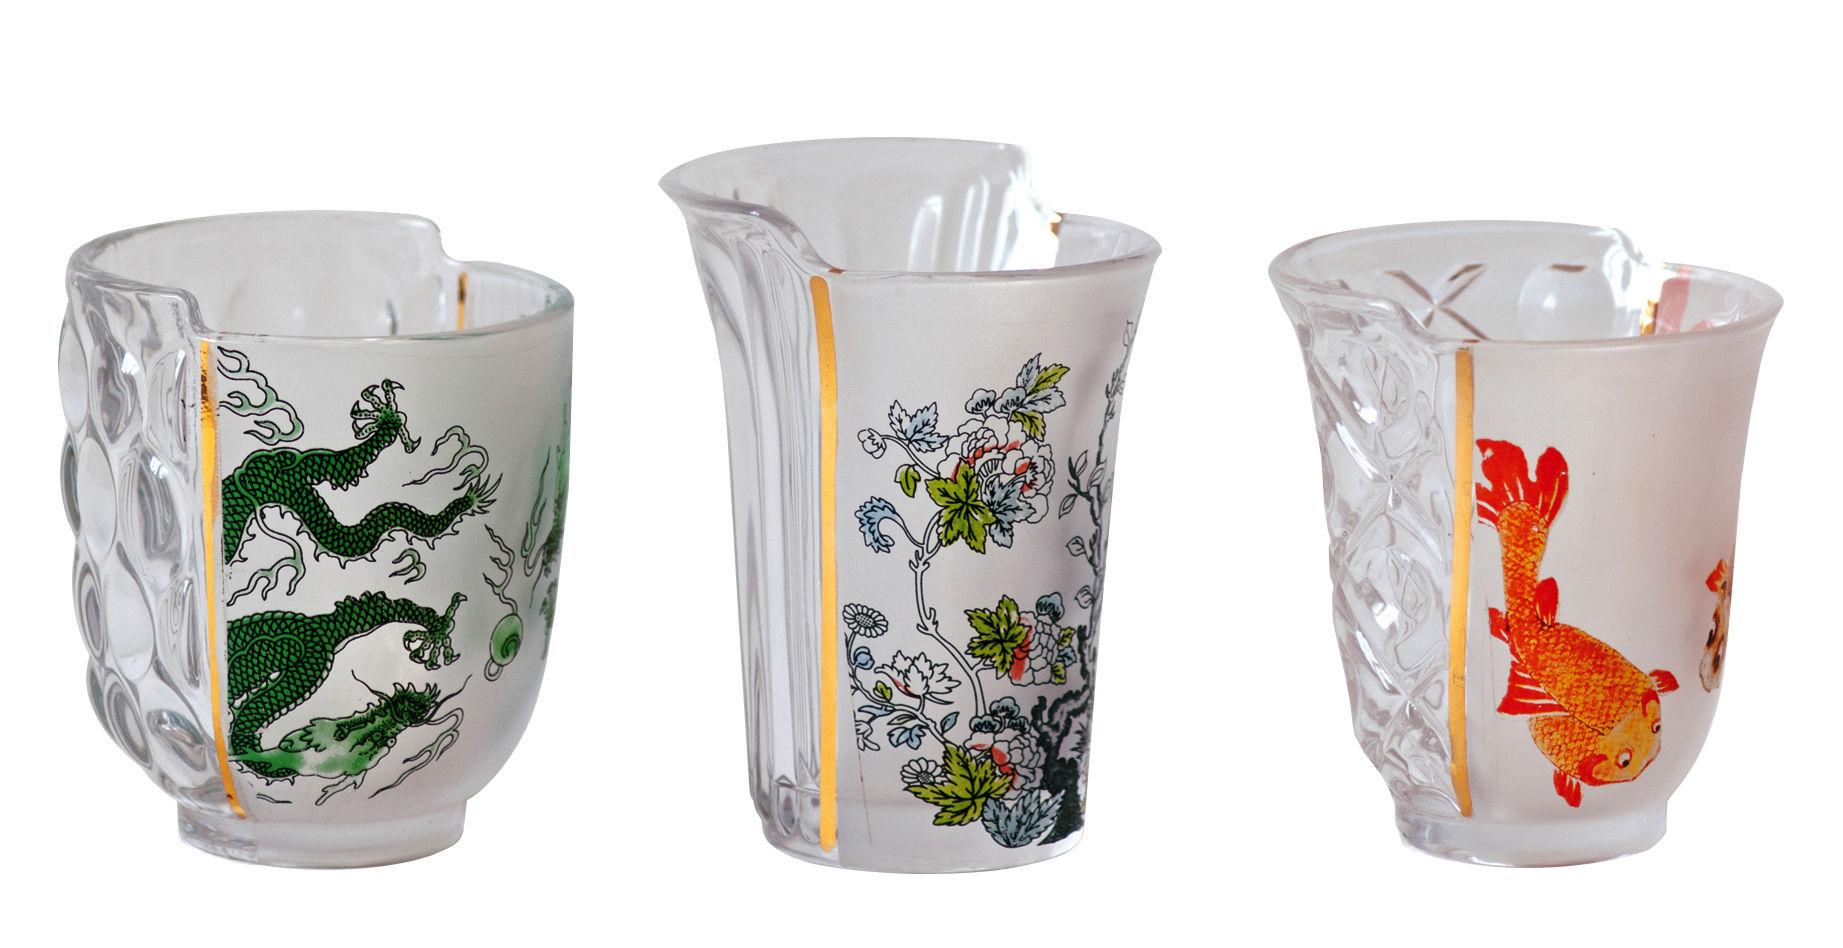 Tavola - Bicchieri  - Bicchiere Hybrid Aglaura - / Set da 3 di Seletti - Multicolore - Vetro